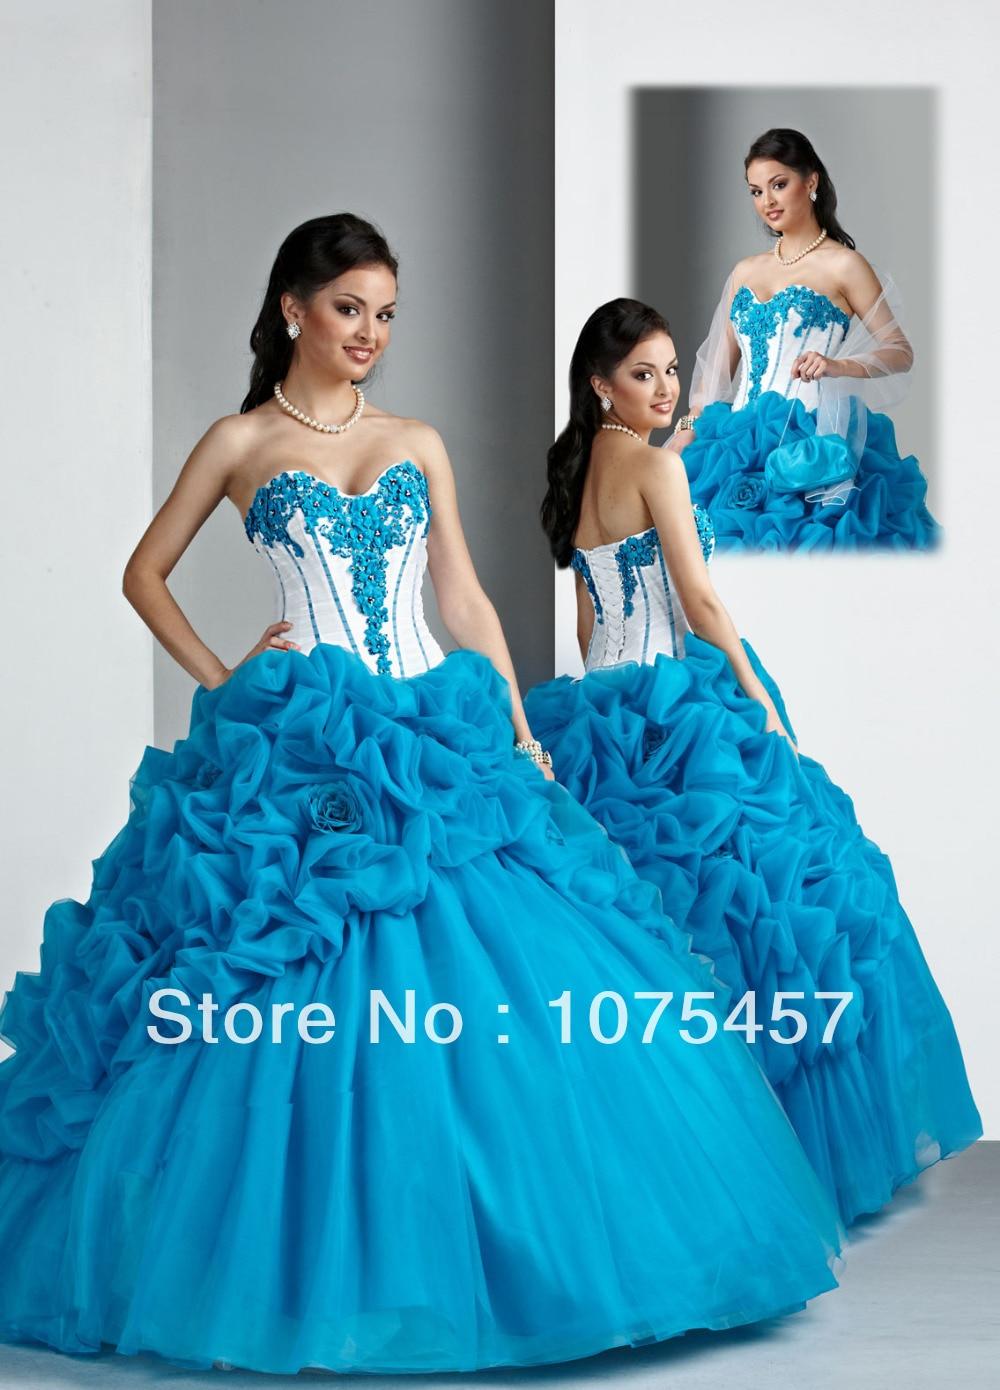 c5d81bdb4a Vestidos de quinceanera blanco con azul - Vestidos elegantes